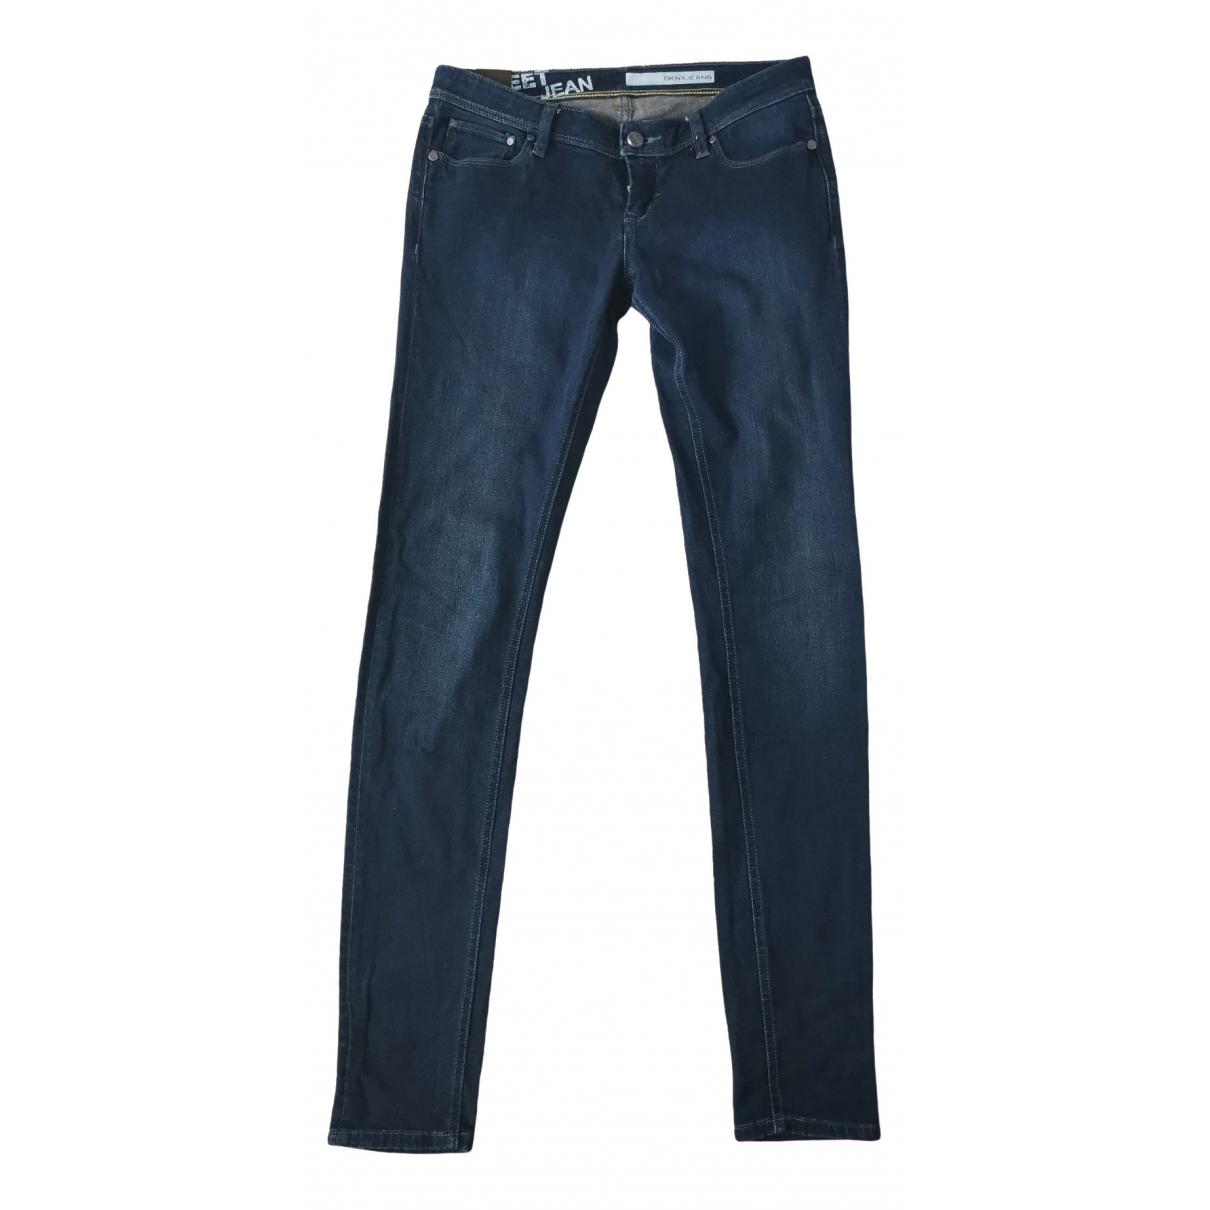 Dkny \N Blue Denim - Jeans Trousers for Women 10 UK